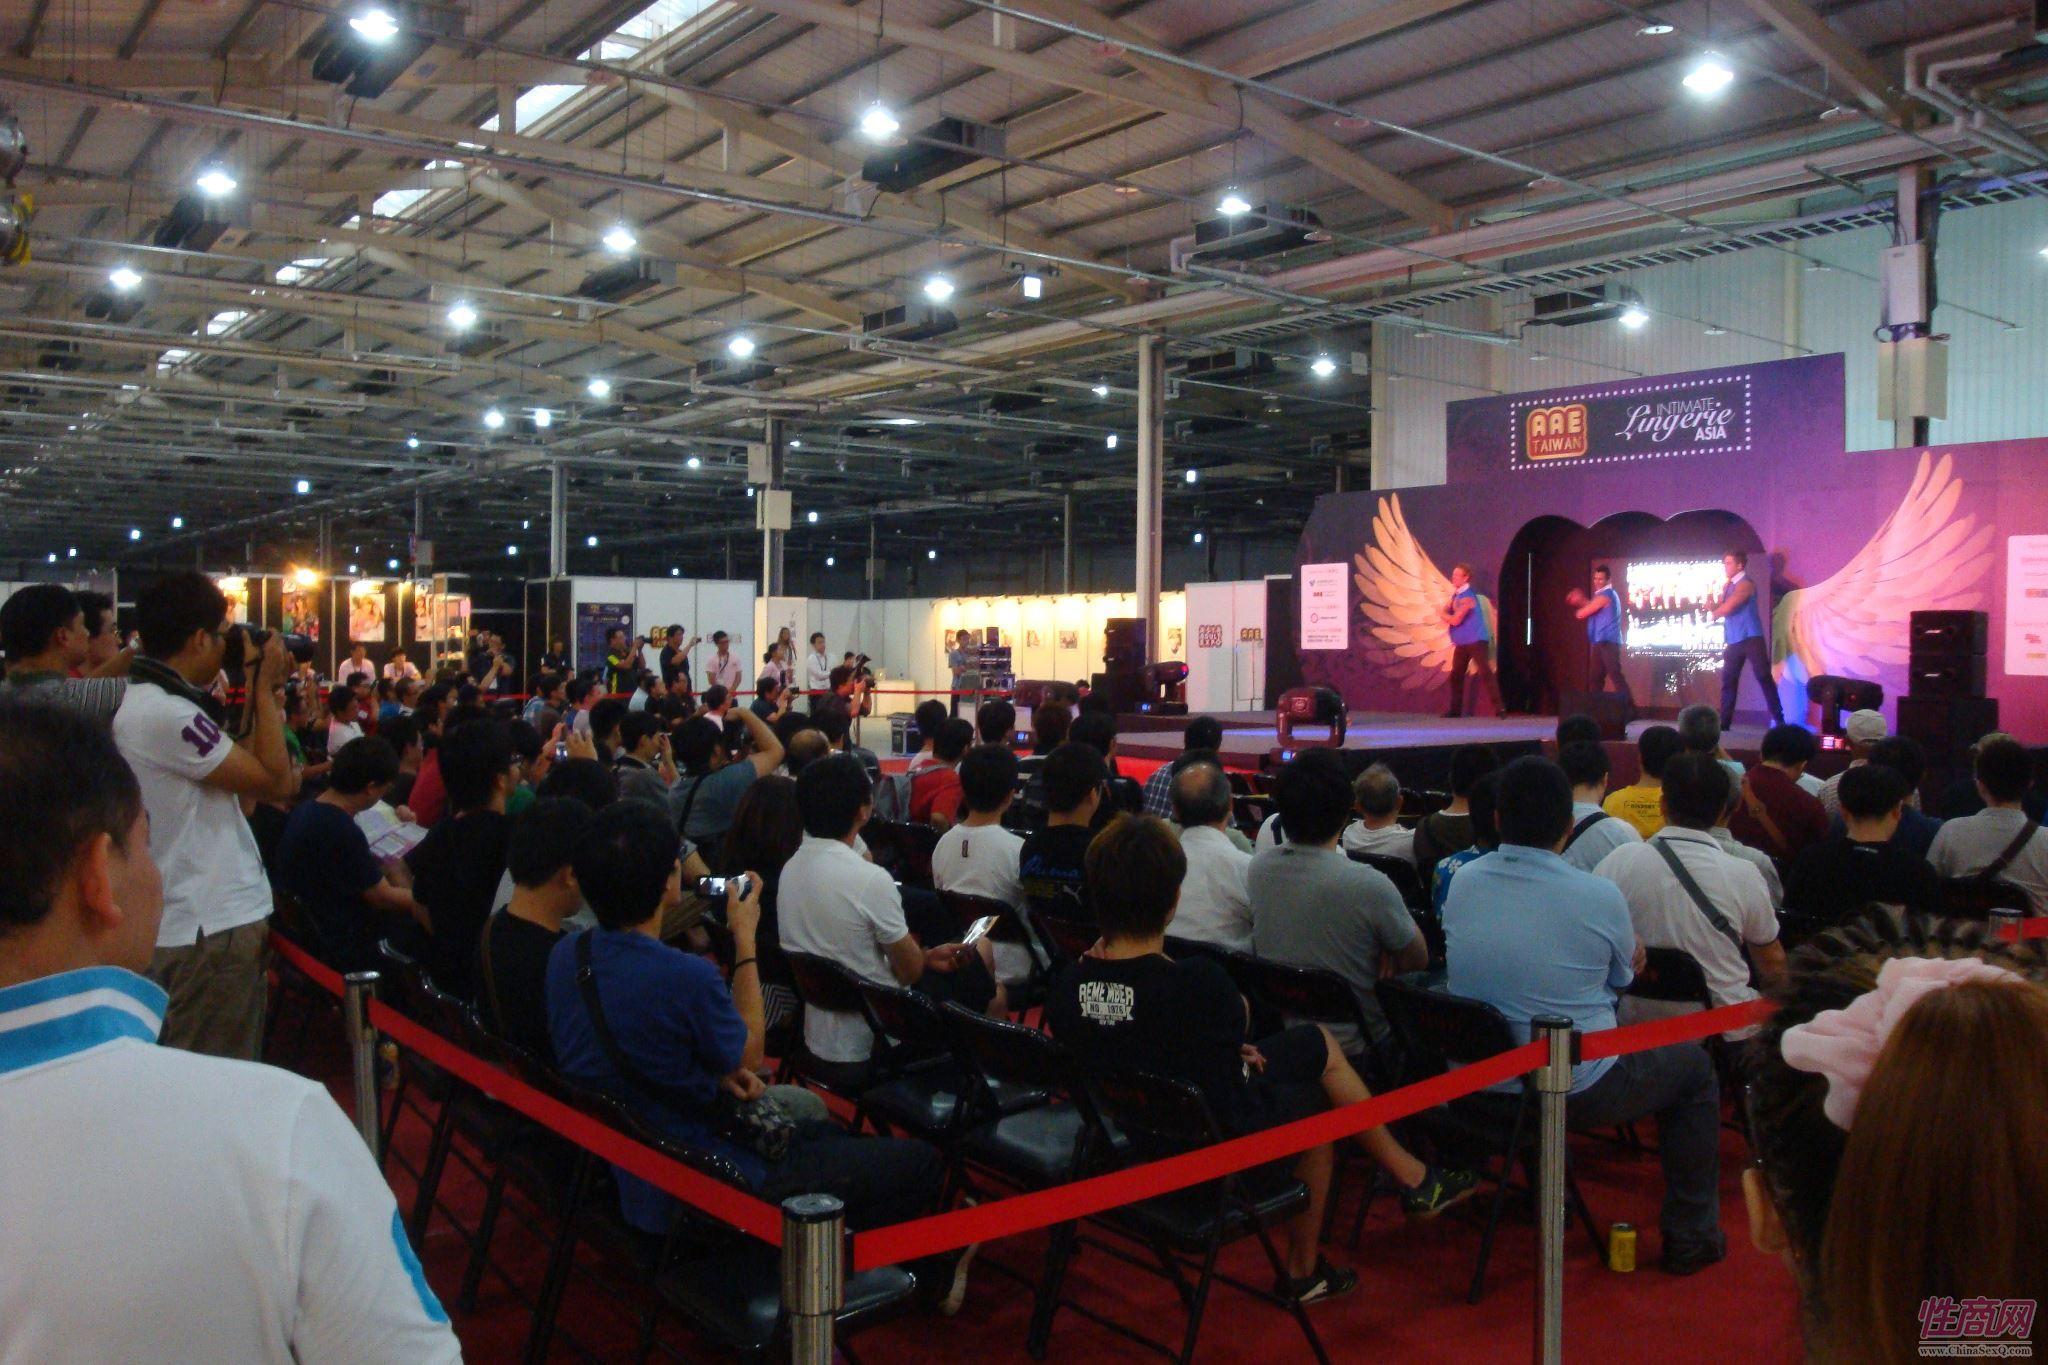 2012台湾亚洲成人博览澳洲热舞团体助阵图片49